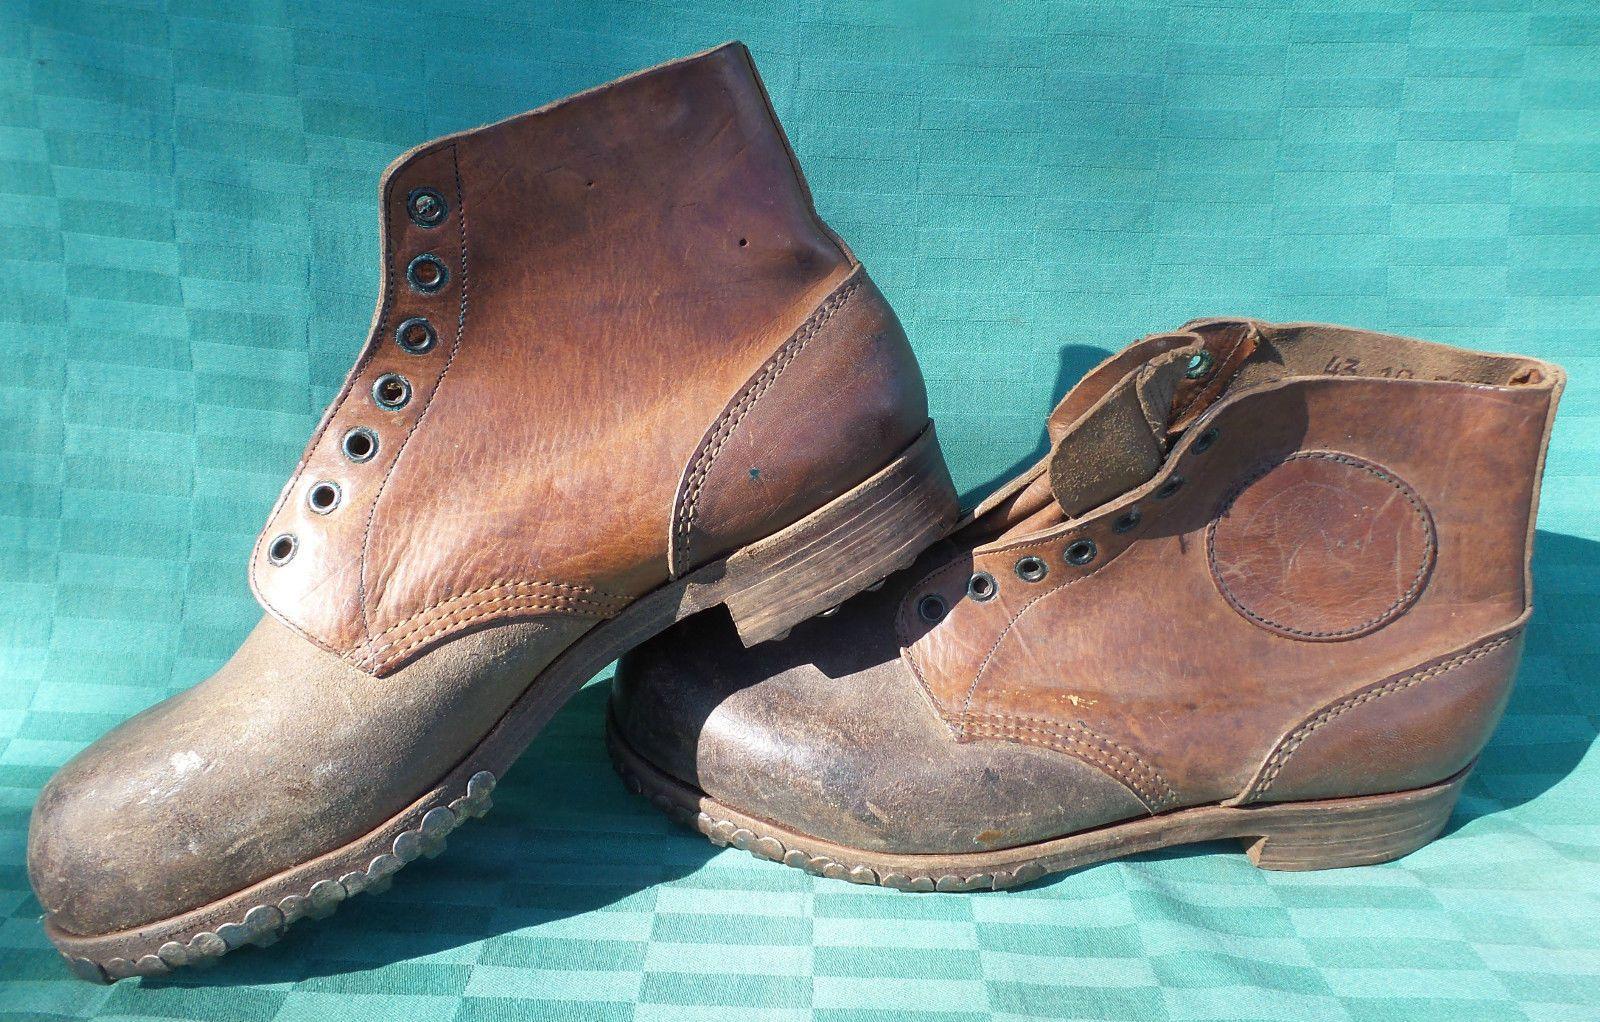 WK Militär WH Gebirgsjäger Schuhe 43 Bergschuhe genagelt gestempelt  original   eBay